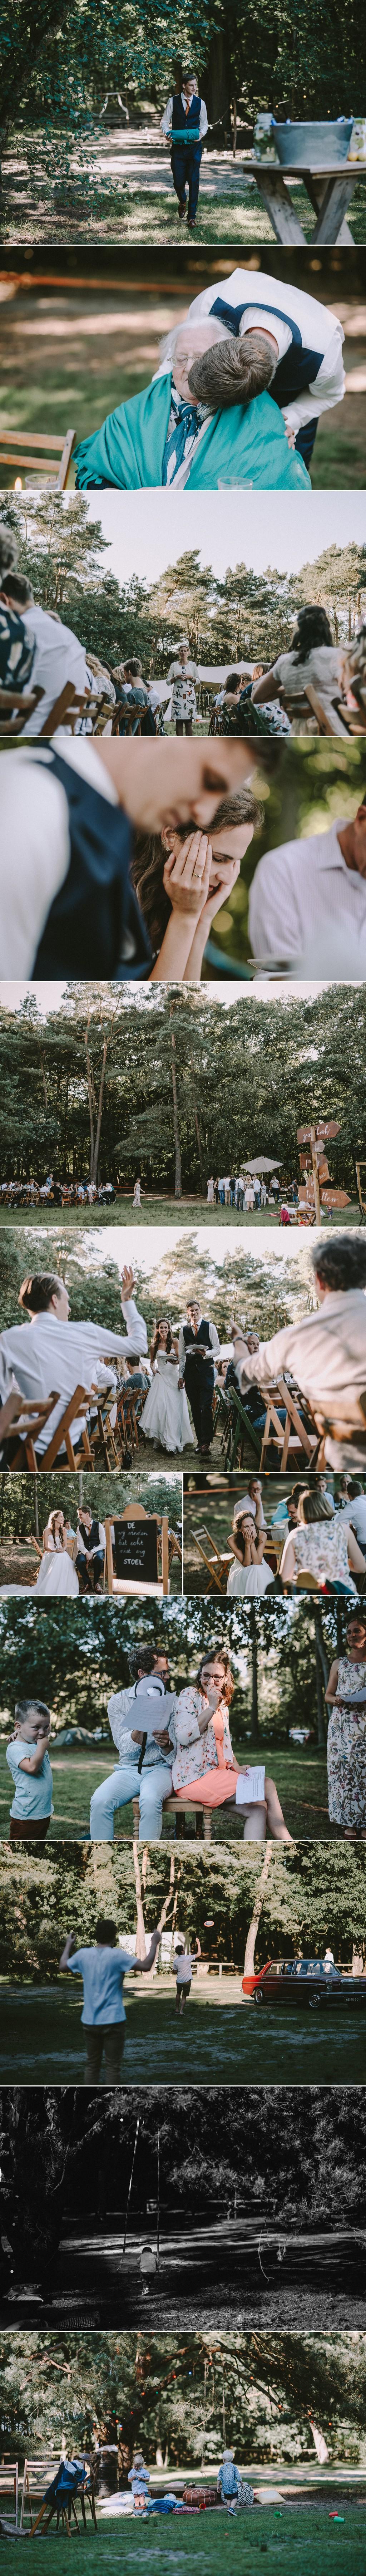 fotografie-steef-utama-te-leuk-trouwen-nunspeet-rotterdam-trouwen-in-het-bos-08